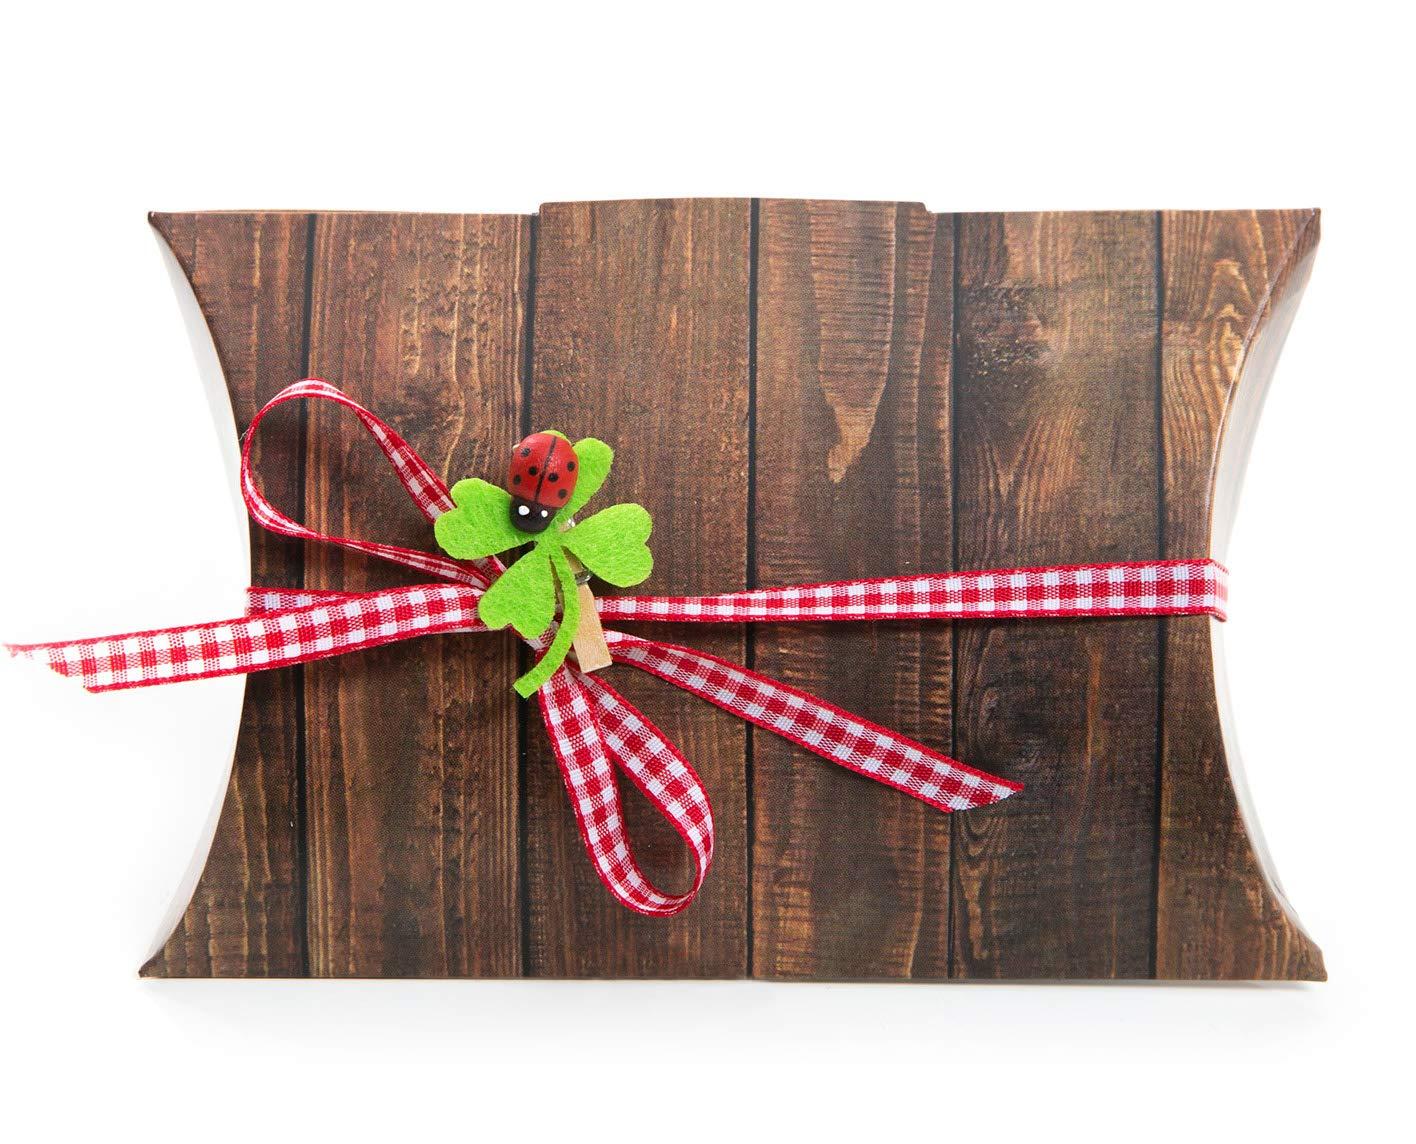 14 Pequeñas marrón regalo de caja Caja de cartón de regalo Box (14,5 x 10,5 + 3 cm altura) + 14 Trébol grapas + 14 rojo y blanco cuadros lazos – del paquete para regalos: Amazon.es: Oficina y papelería